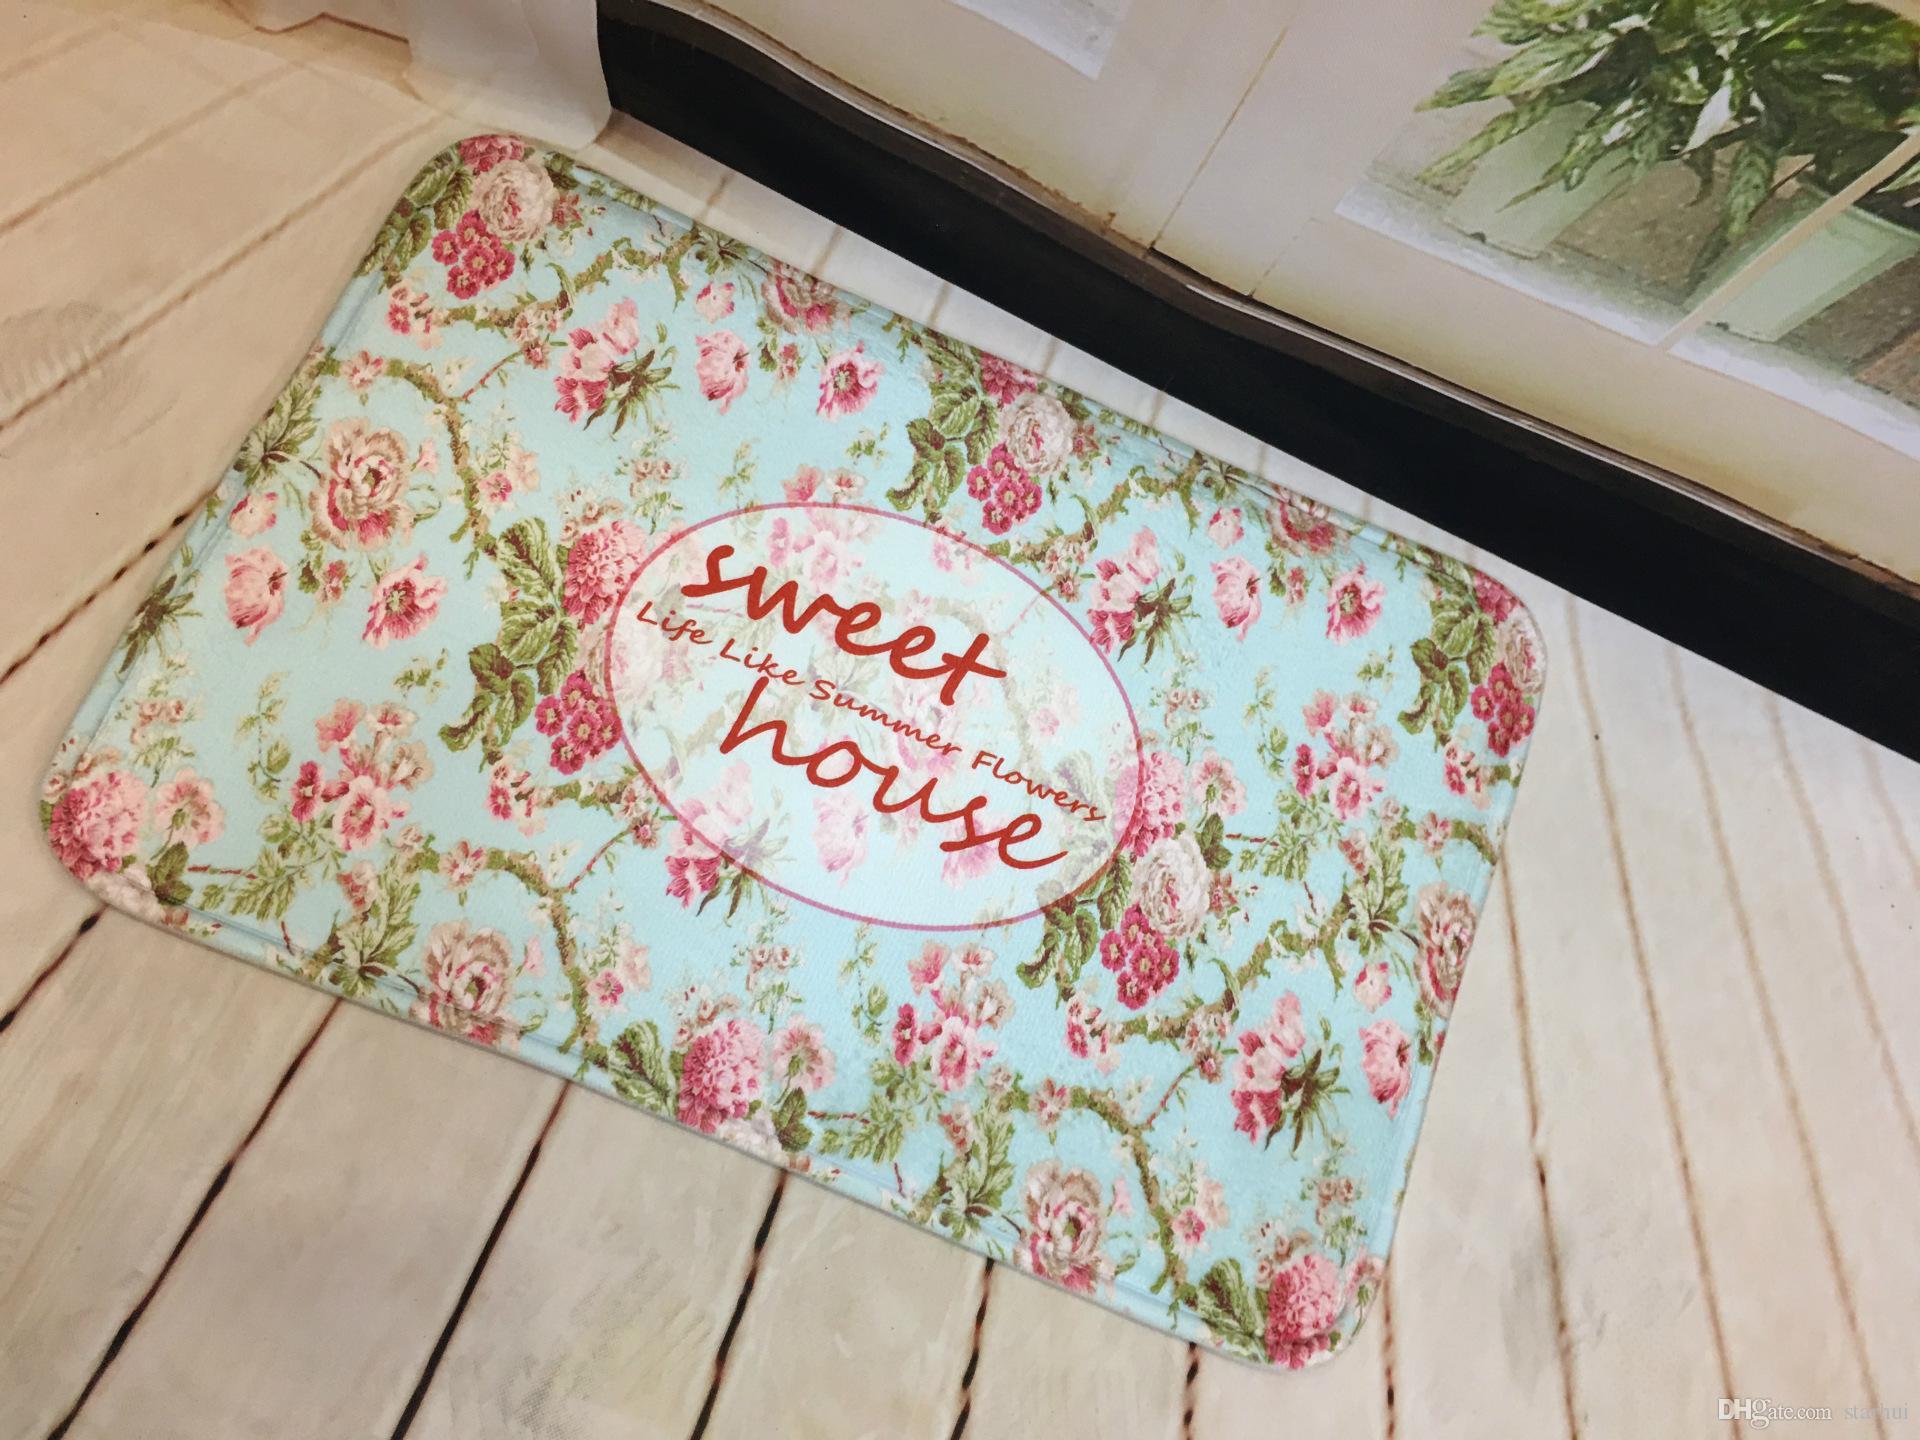 Homing Neu kommen Türmatten für Haustür-Zeichen Bunte Wörter gedruckt Teppiche Wohnzimmer-Staub-Beweis Mats Home Decor WX9-93